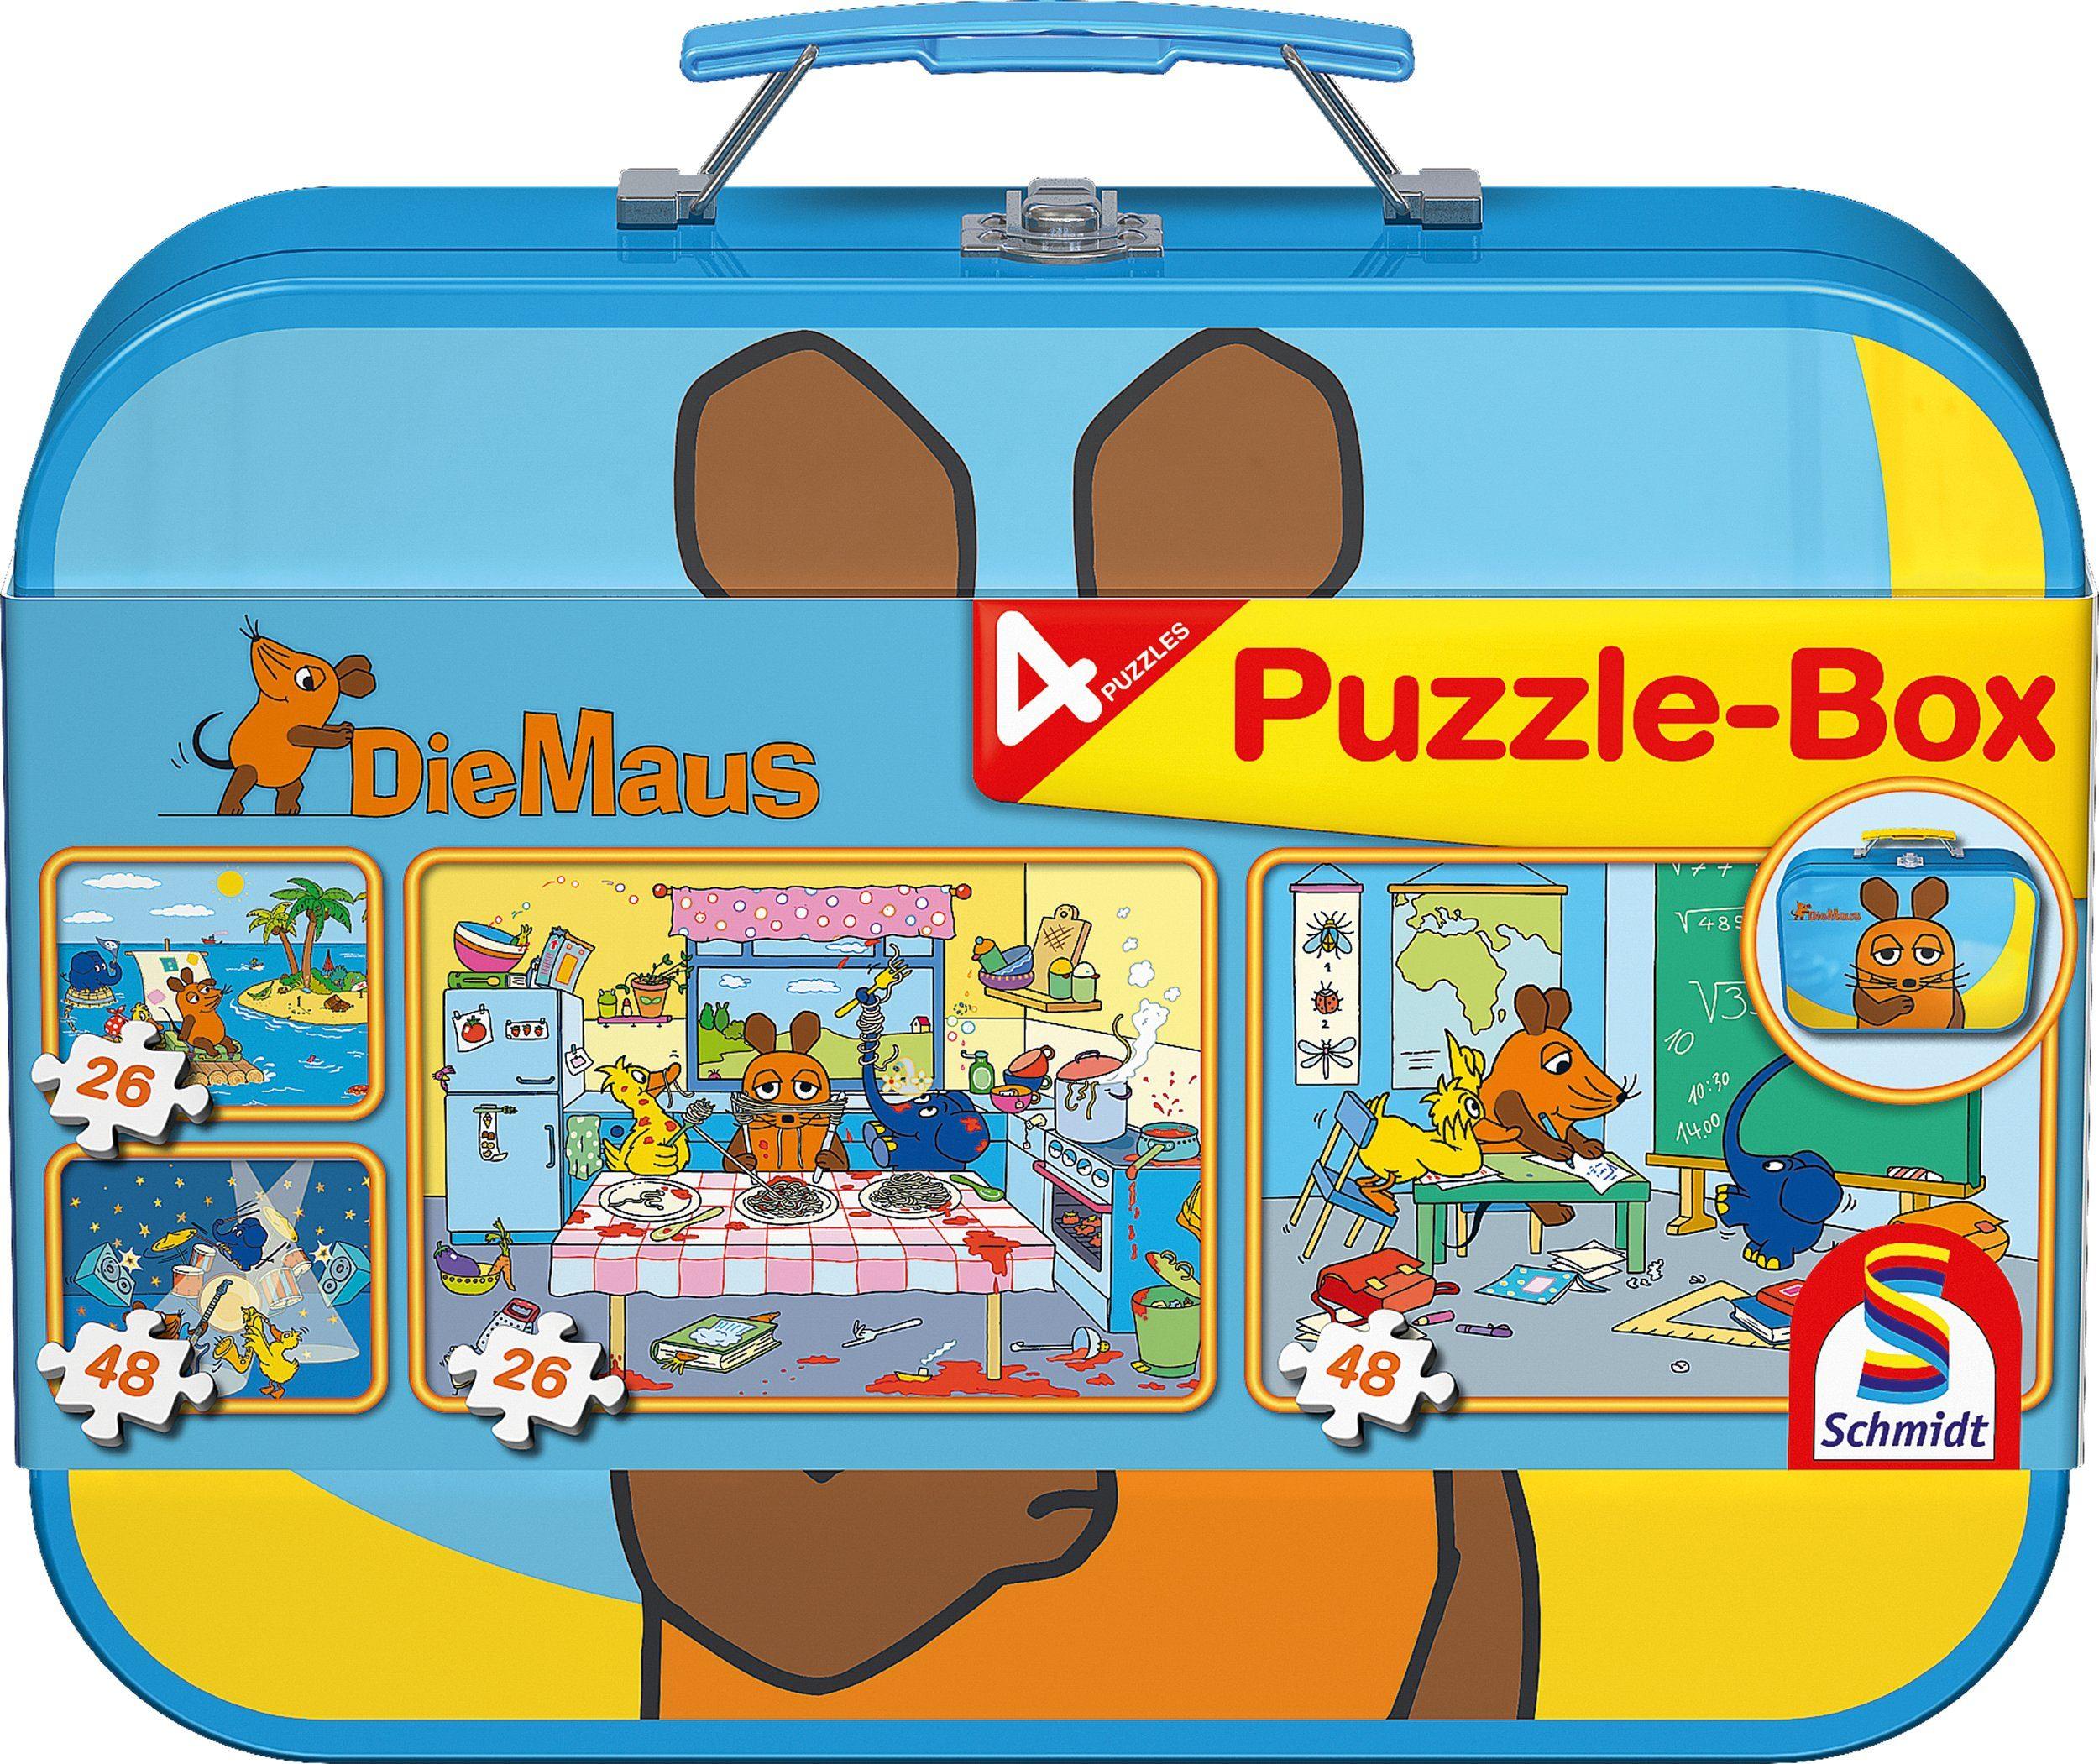 Schmidt Spiele Kinderpuzzleset mit 2x26 und 2x48 Teilen, »Puzzlebox im Metallkoffer, Die Maus«